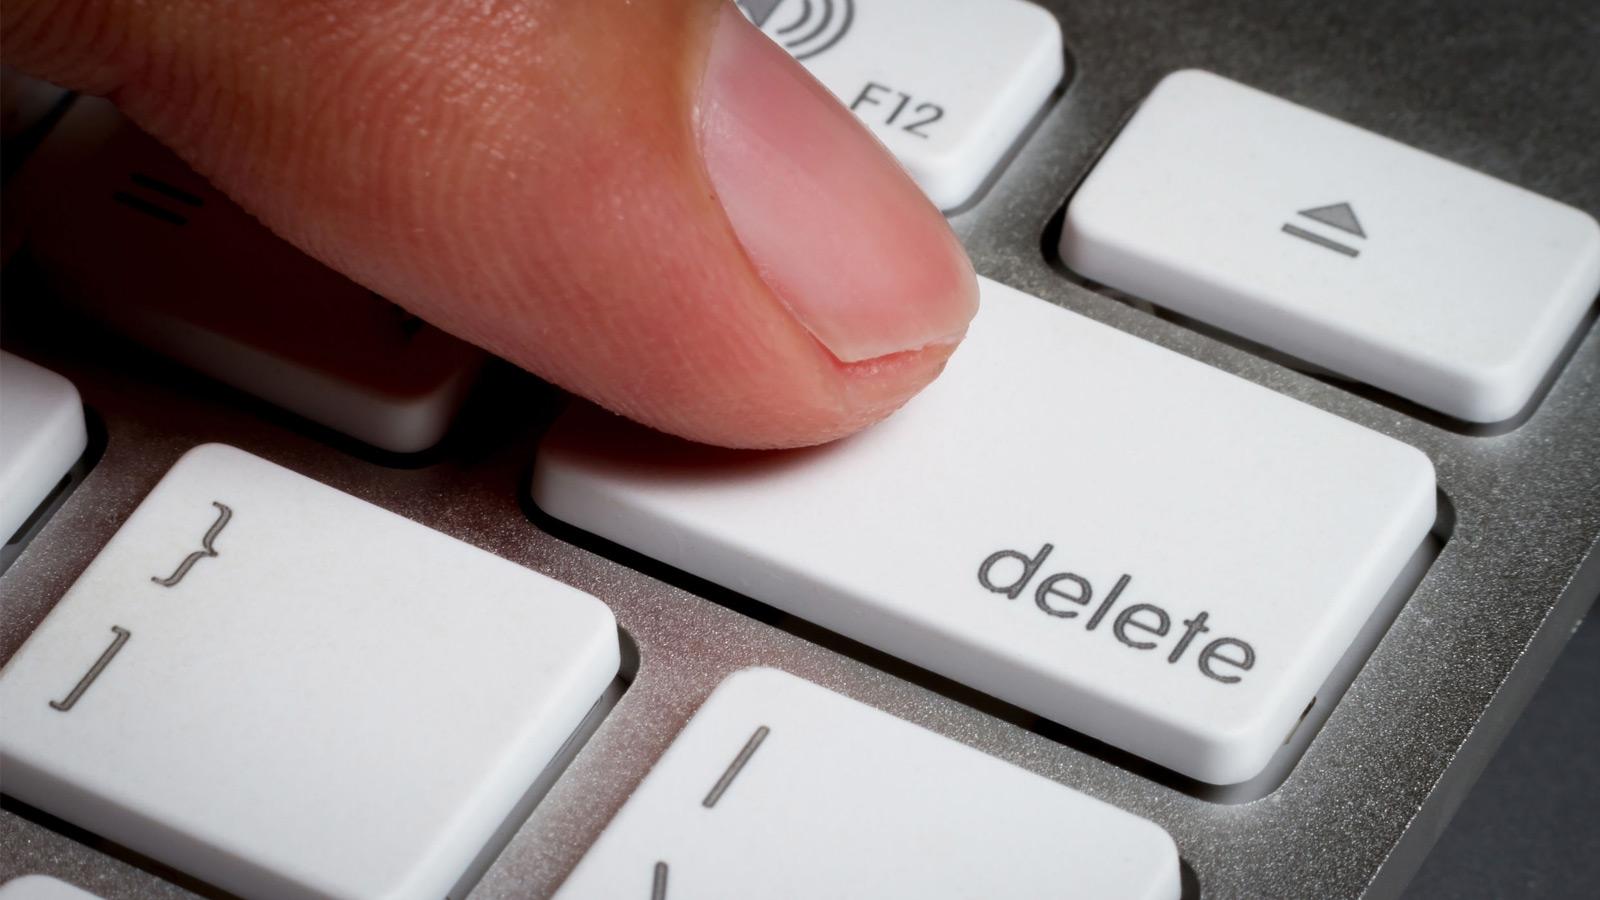 I delete